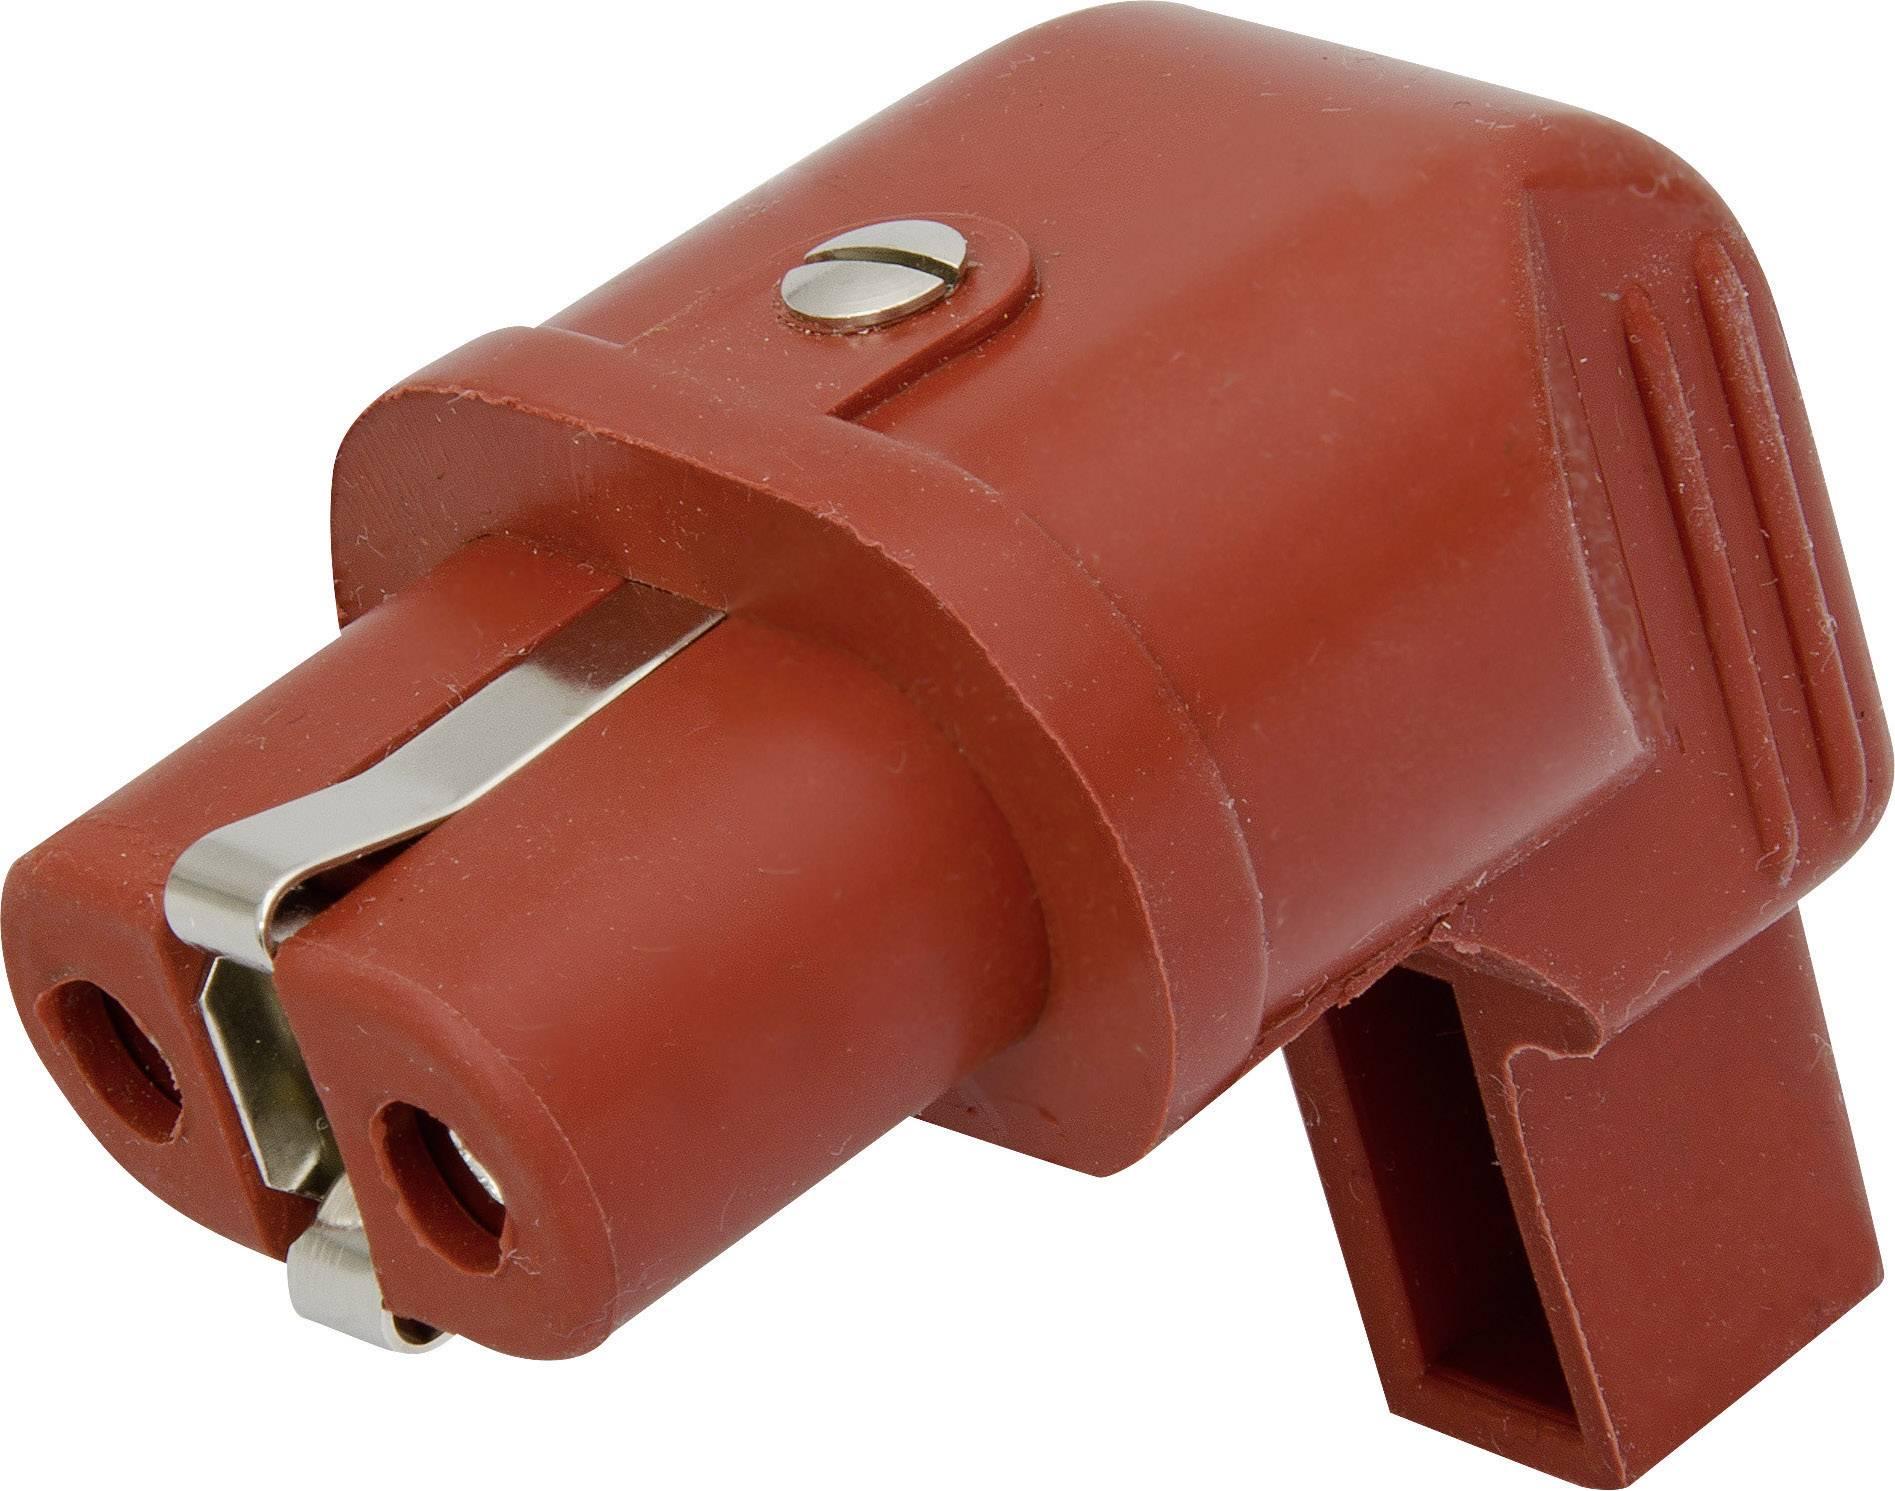 Úhlová síťová IEC zásuvka Kalthoff 344Si/Wi, 250 V 16 A, červená, 344006